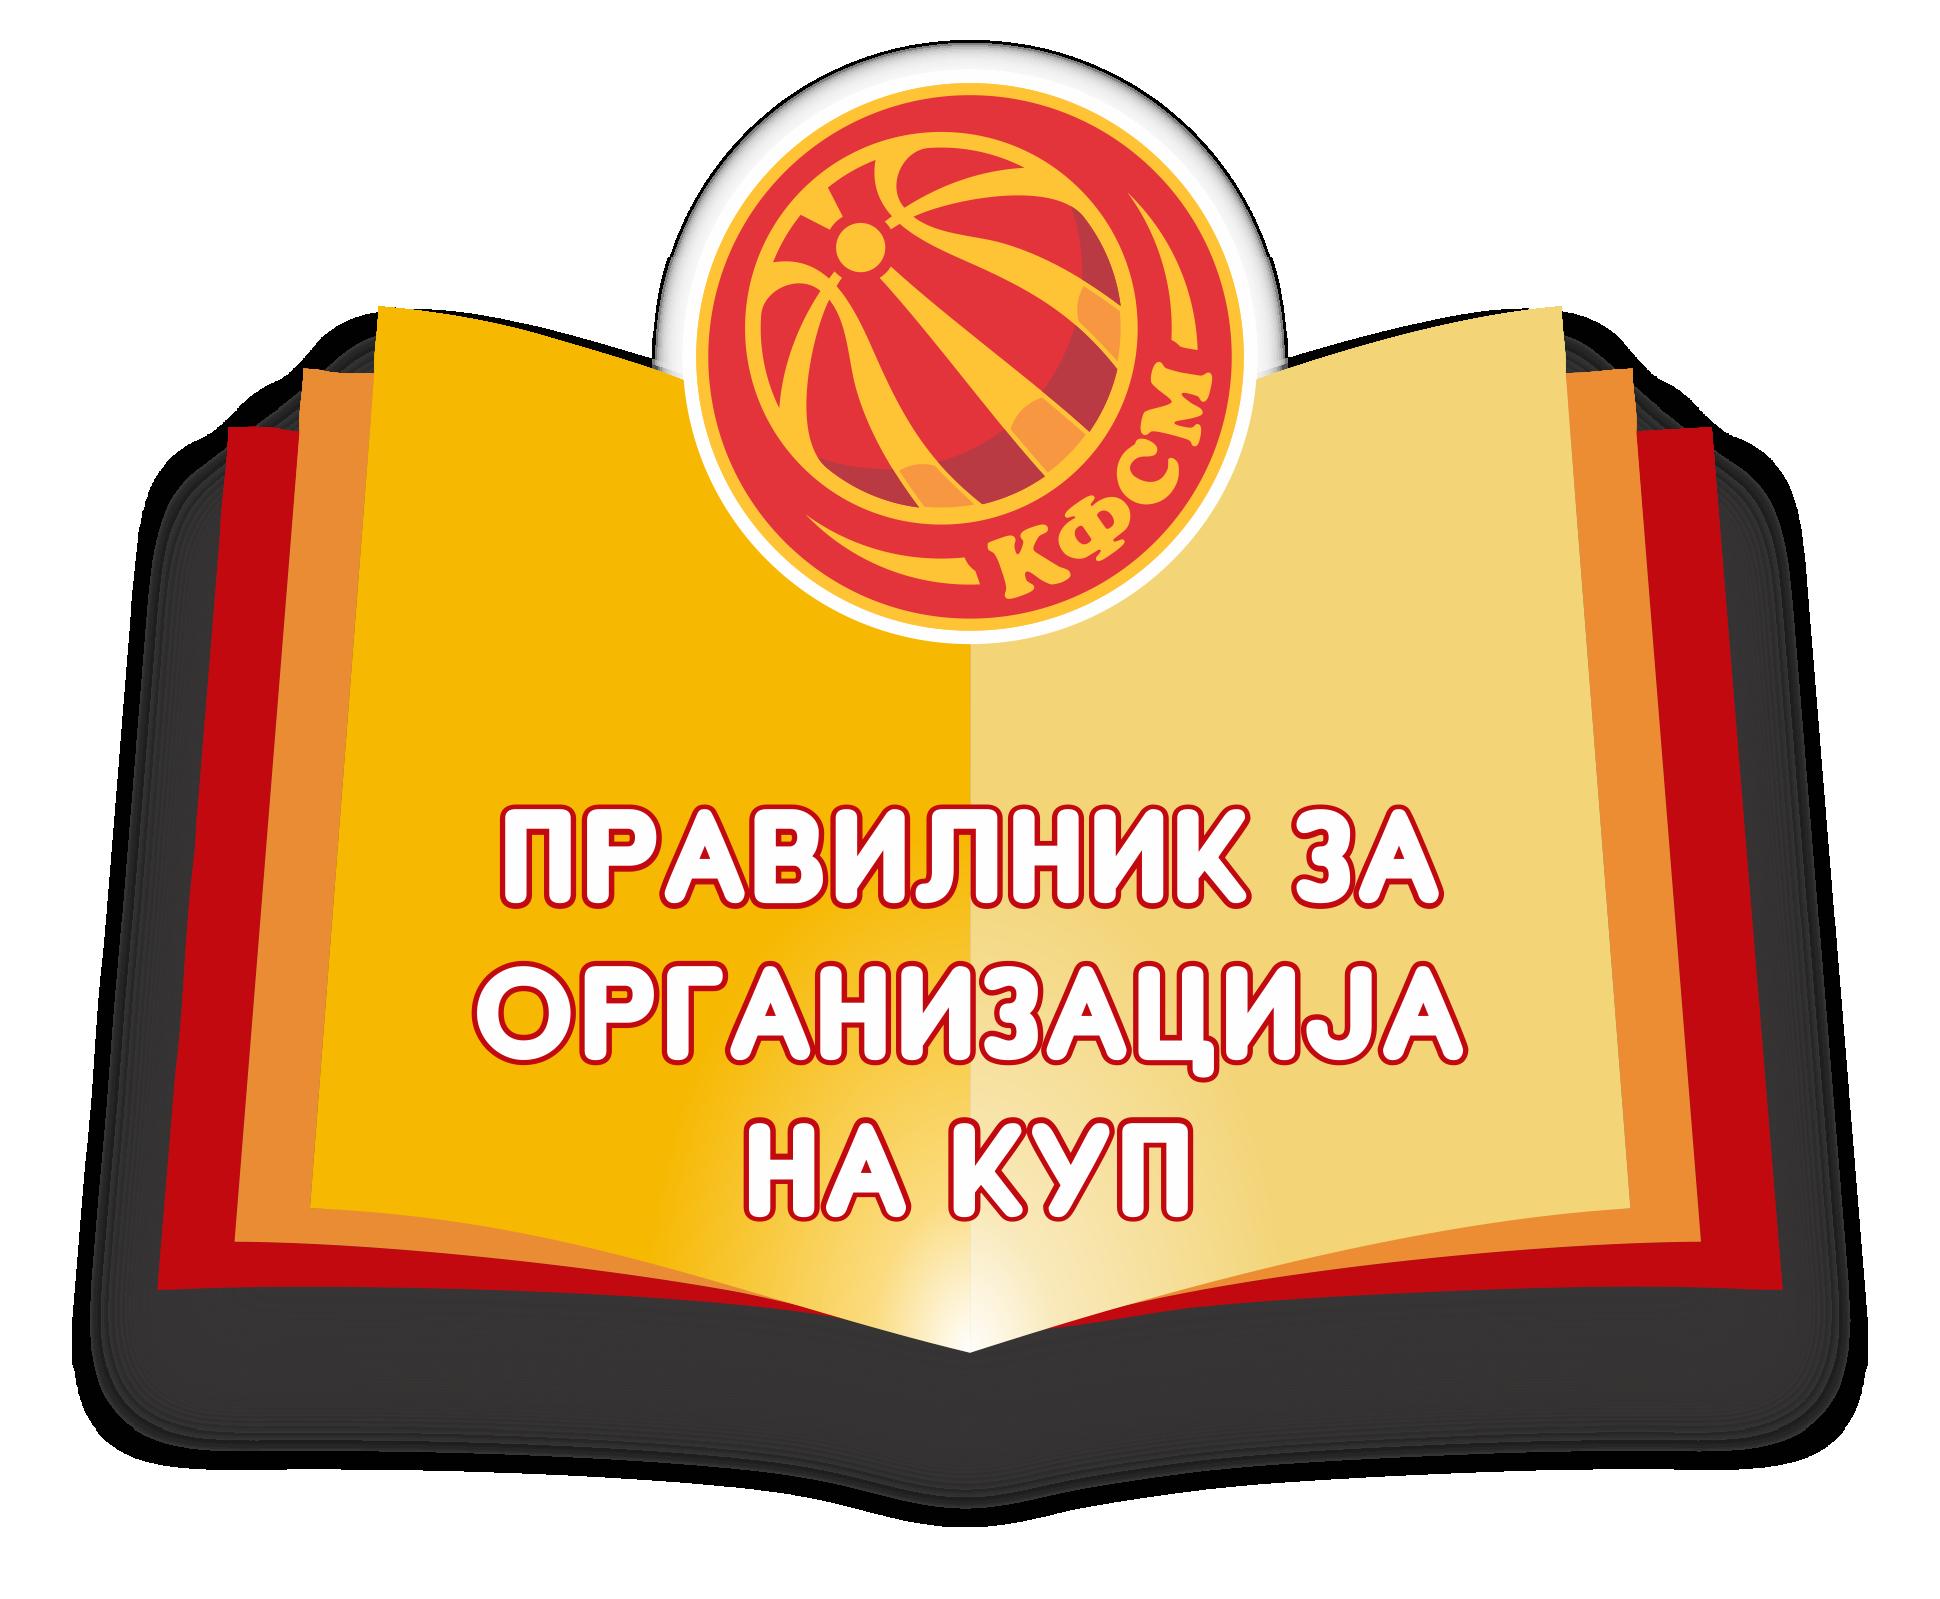 Правилник за организација на КУП